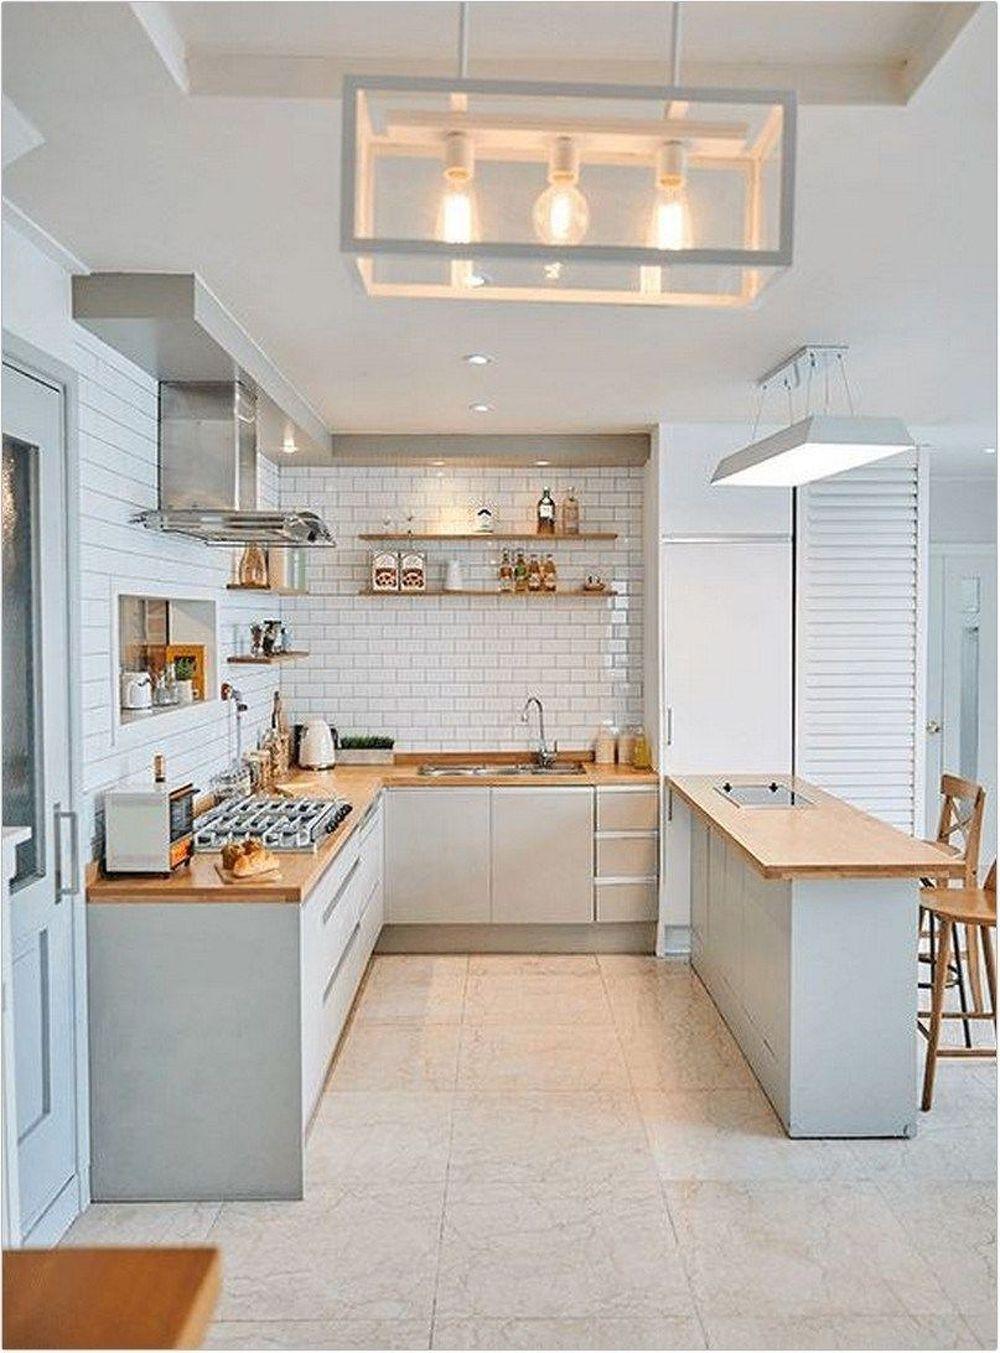 Minimalist Modern Kitchen Design Ideas And Inspiration Minimalist Kitchen Design Minimali Kitchen Design Small Kitchen Remodel Small Modern Kitchen Design